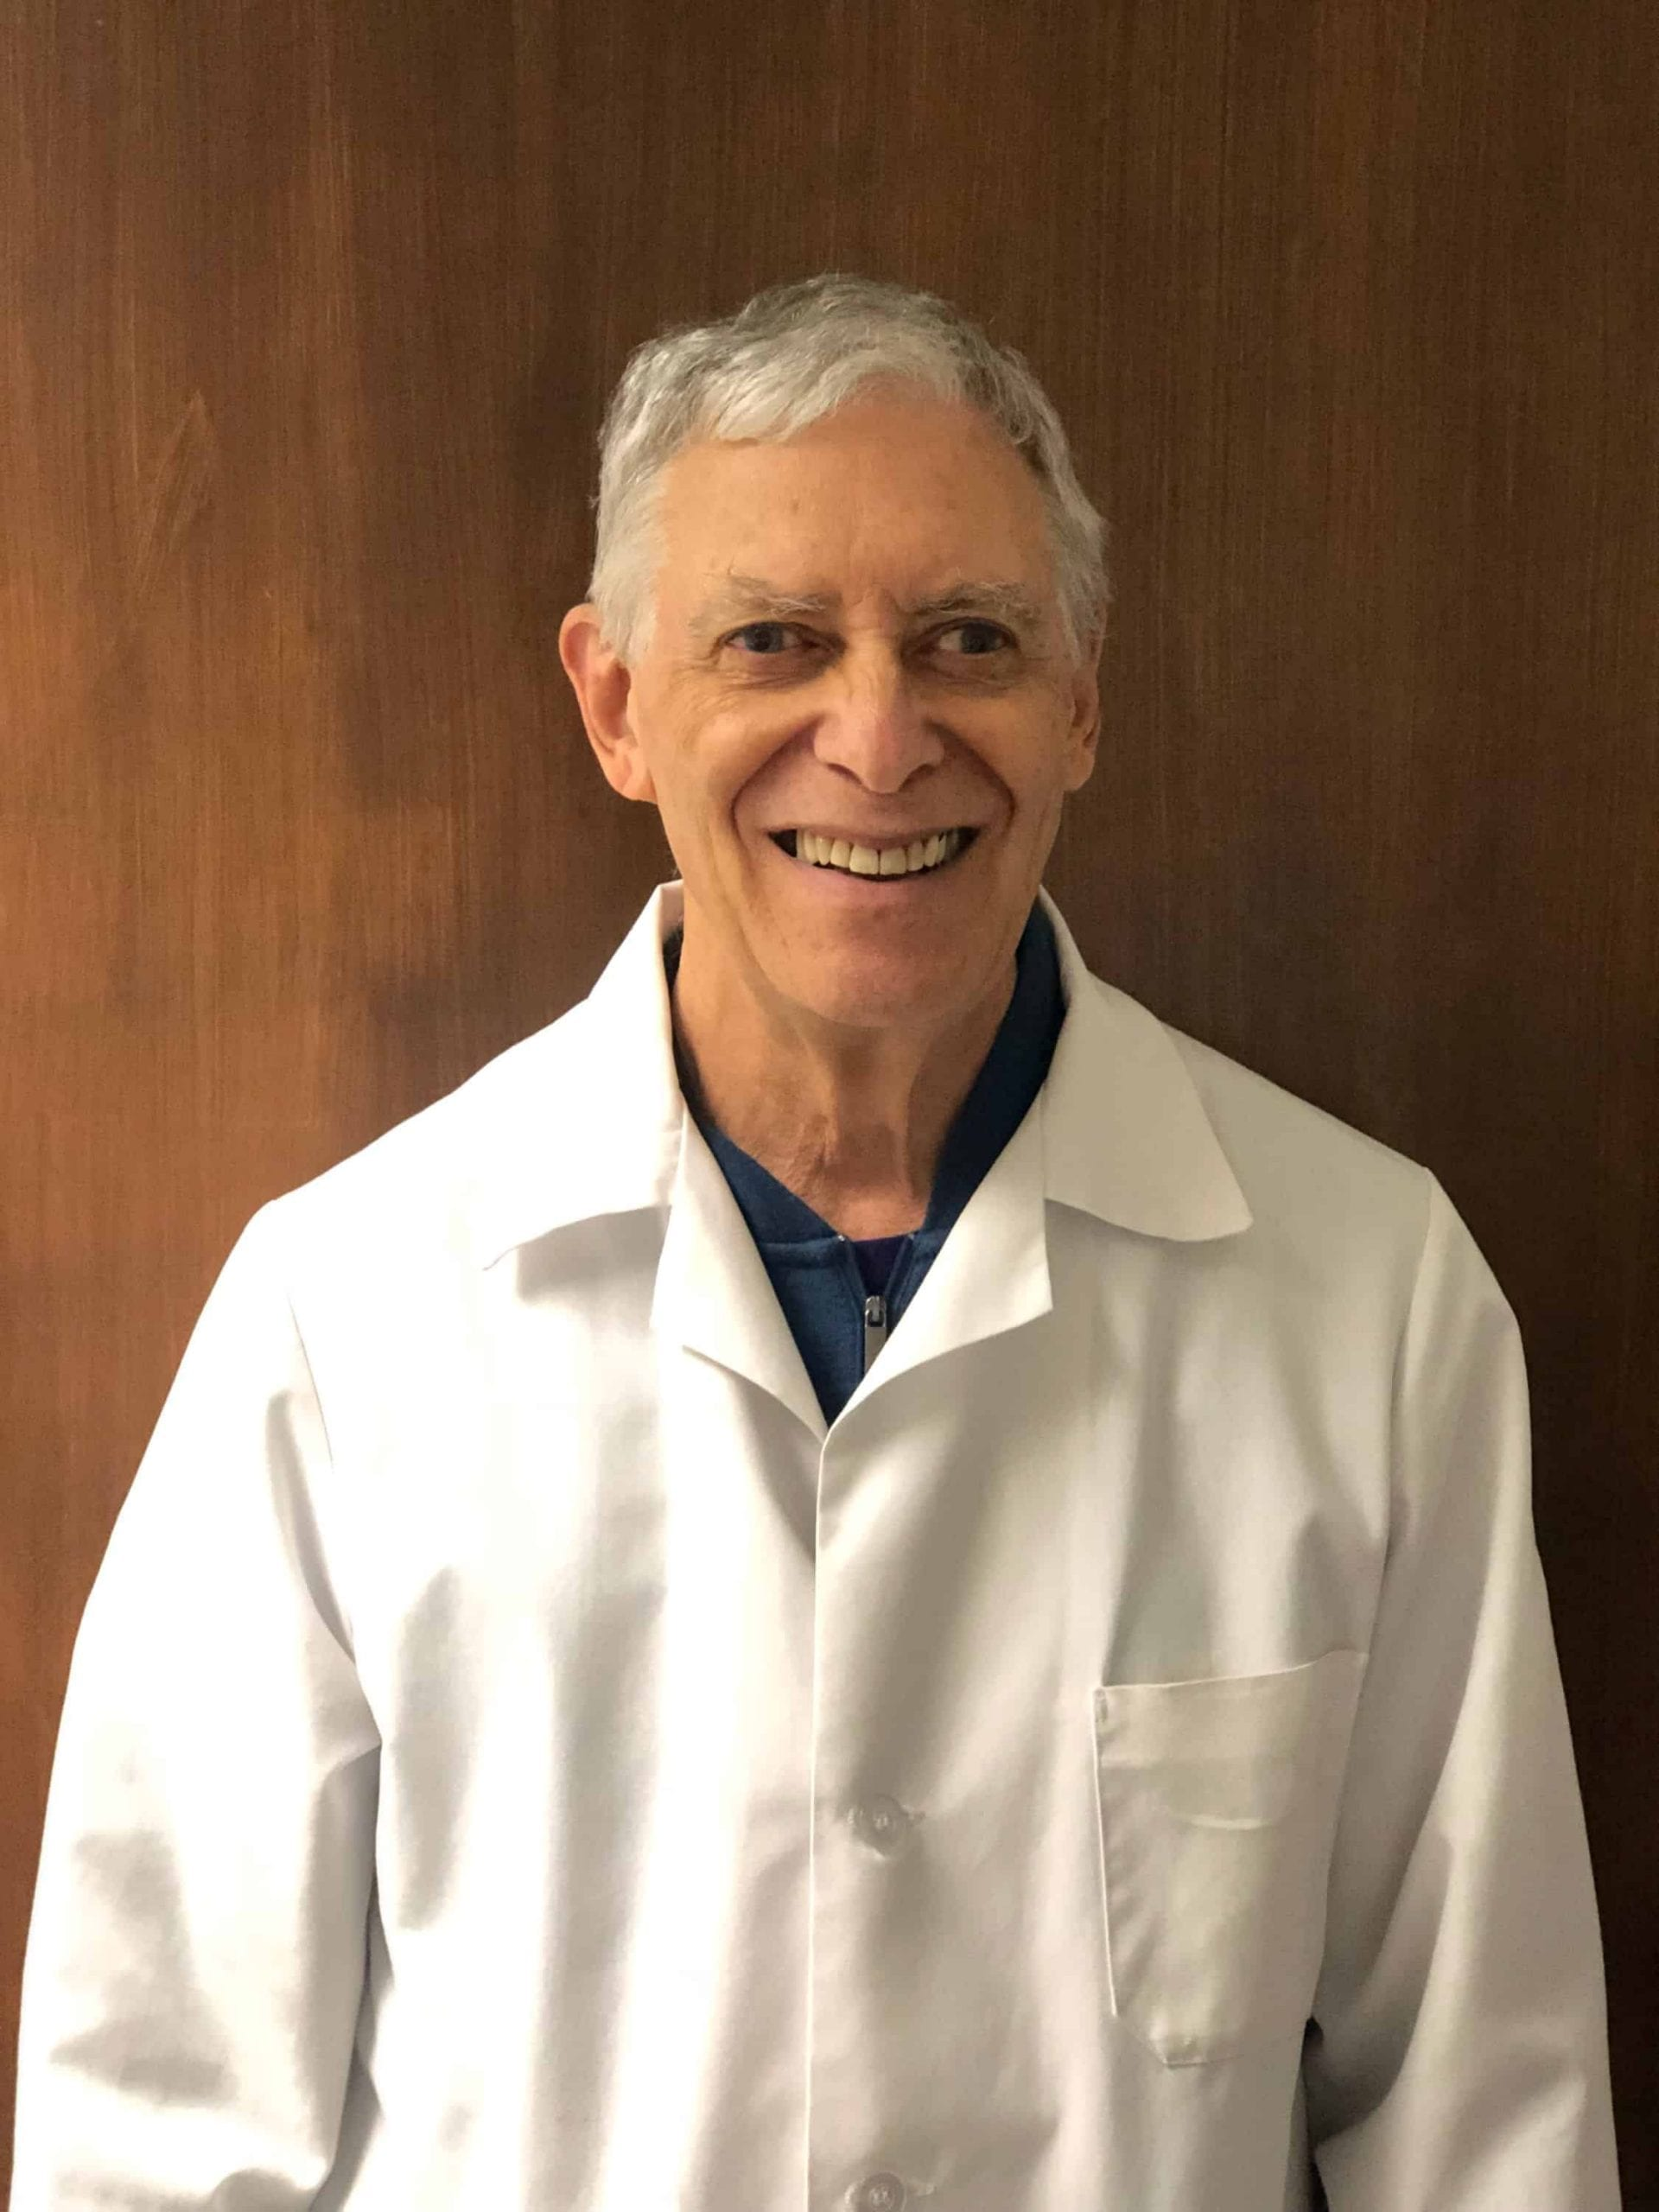 Dr. Alan Wine, MD